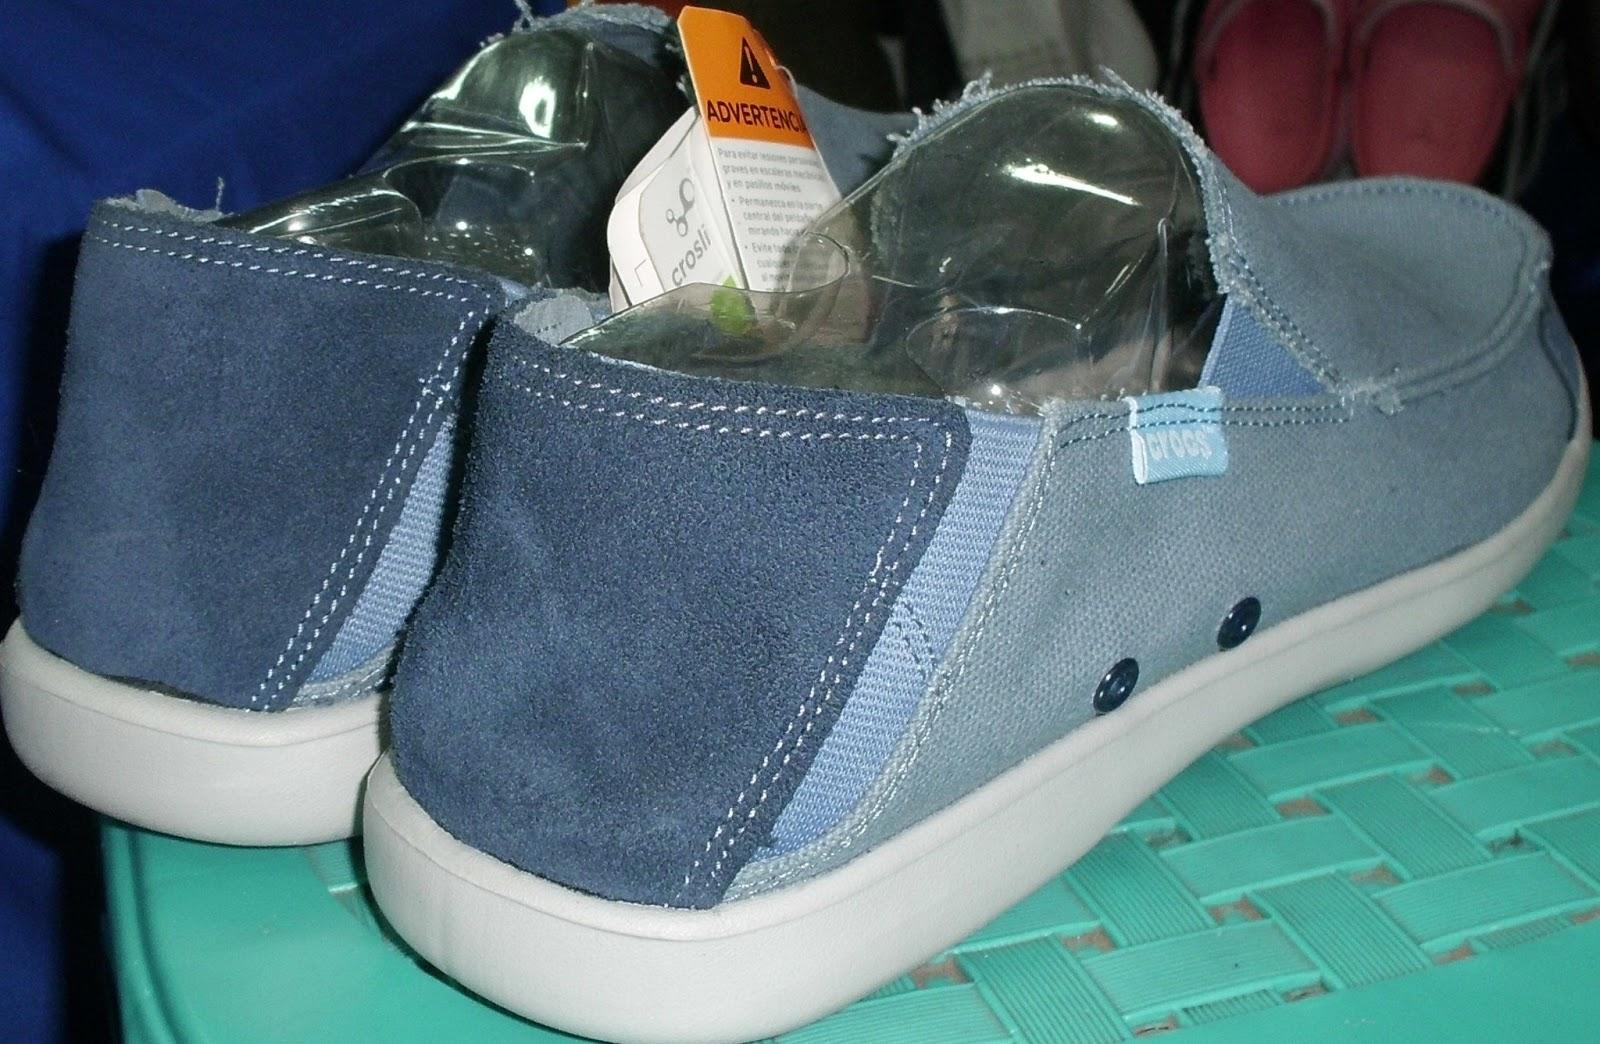 Ini Crocs Combi Light Blue Gan Warna Dominan Biru Langit Harga Rp 140000 Belum Termasuk Ongkir Ukuran Yang Tersedia 40 41 42 43 44